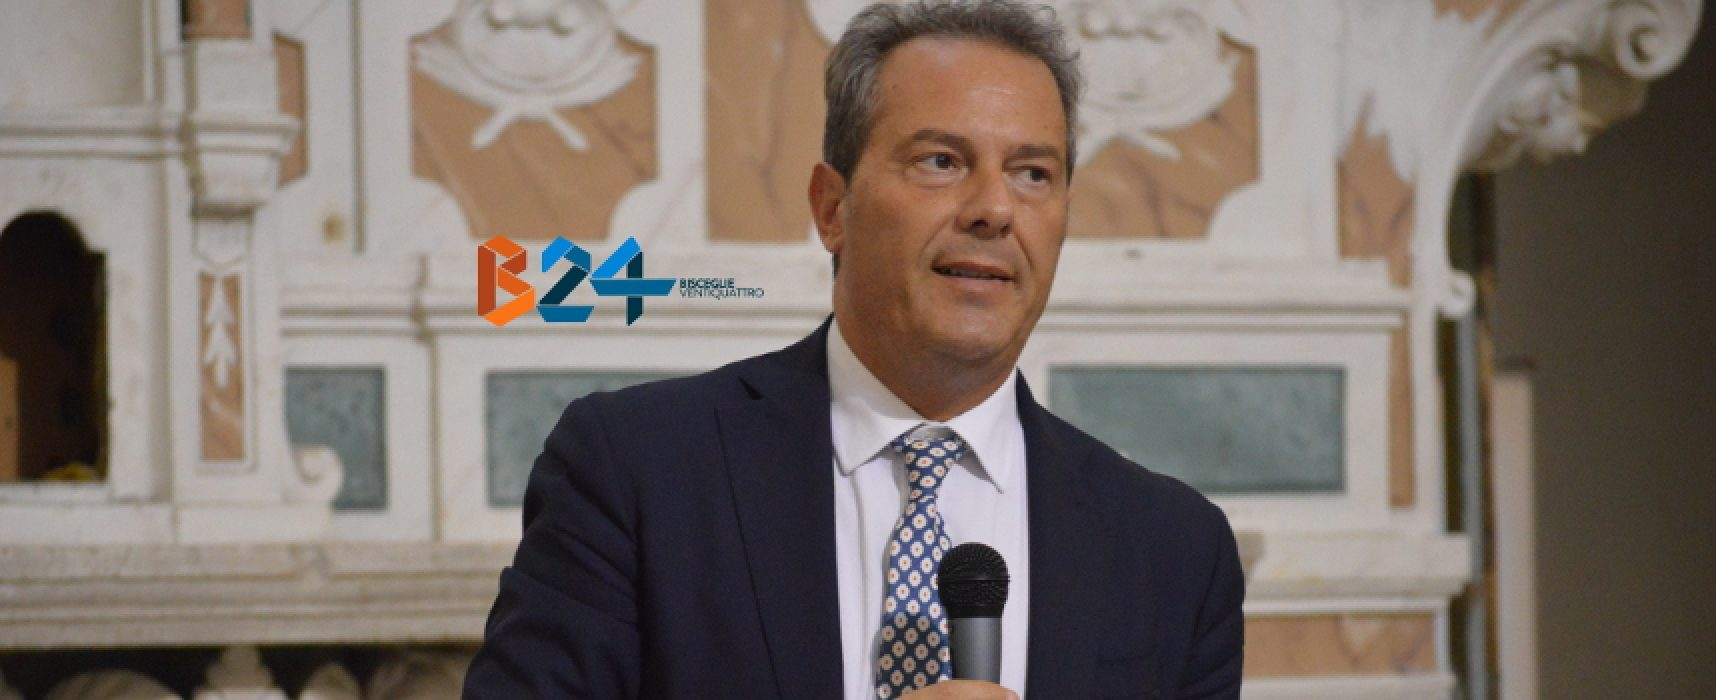 Archiviata denuncia contro Spina per presunta inconferibilità tra sindaco e presidente GAL